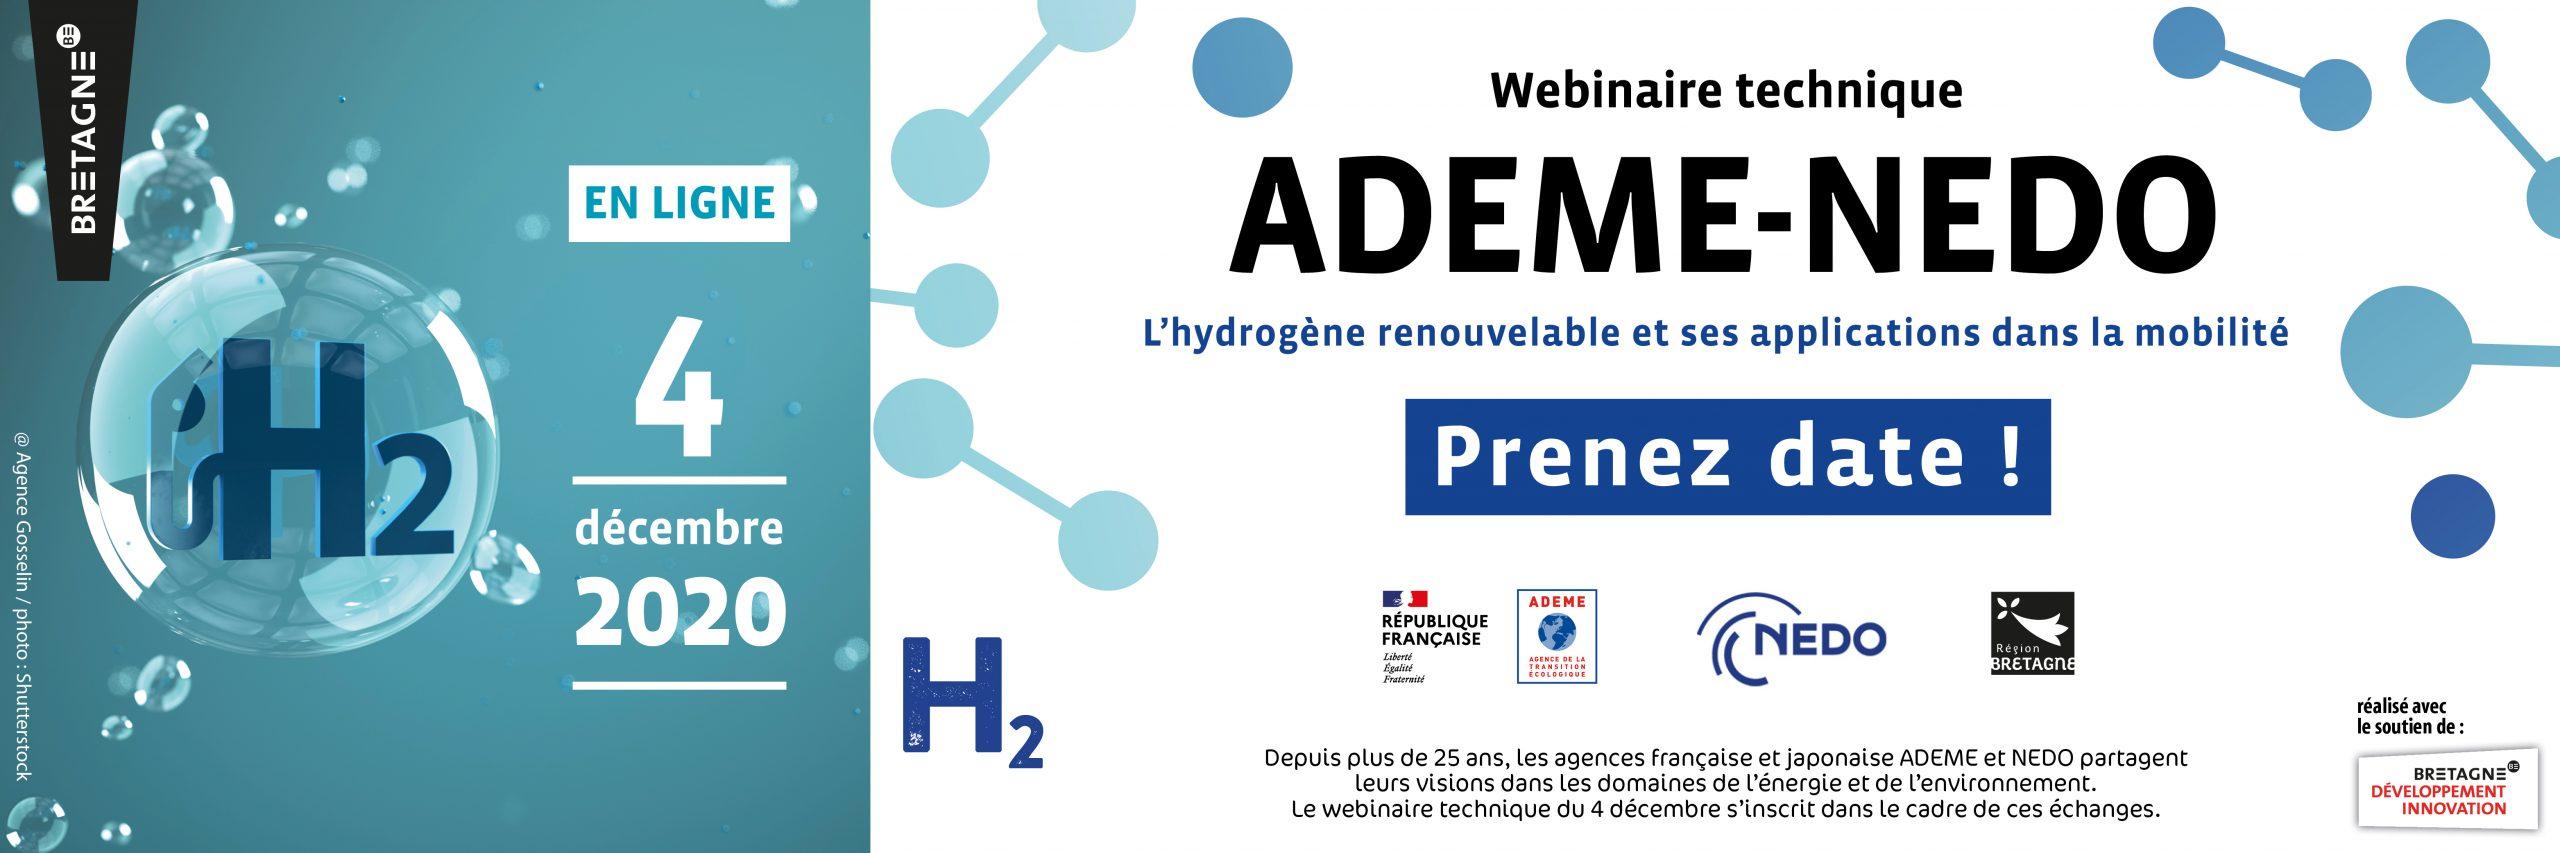 Séminaire ADEME-NEDO 4 décembre 2020